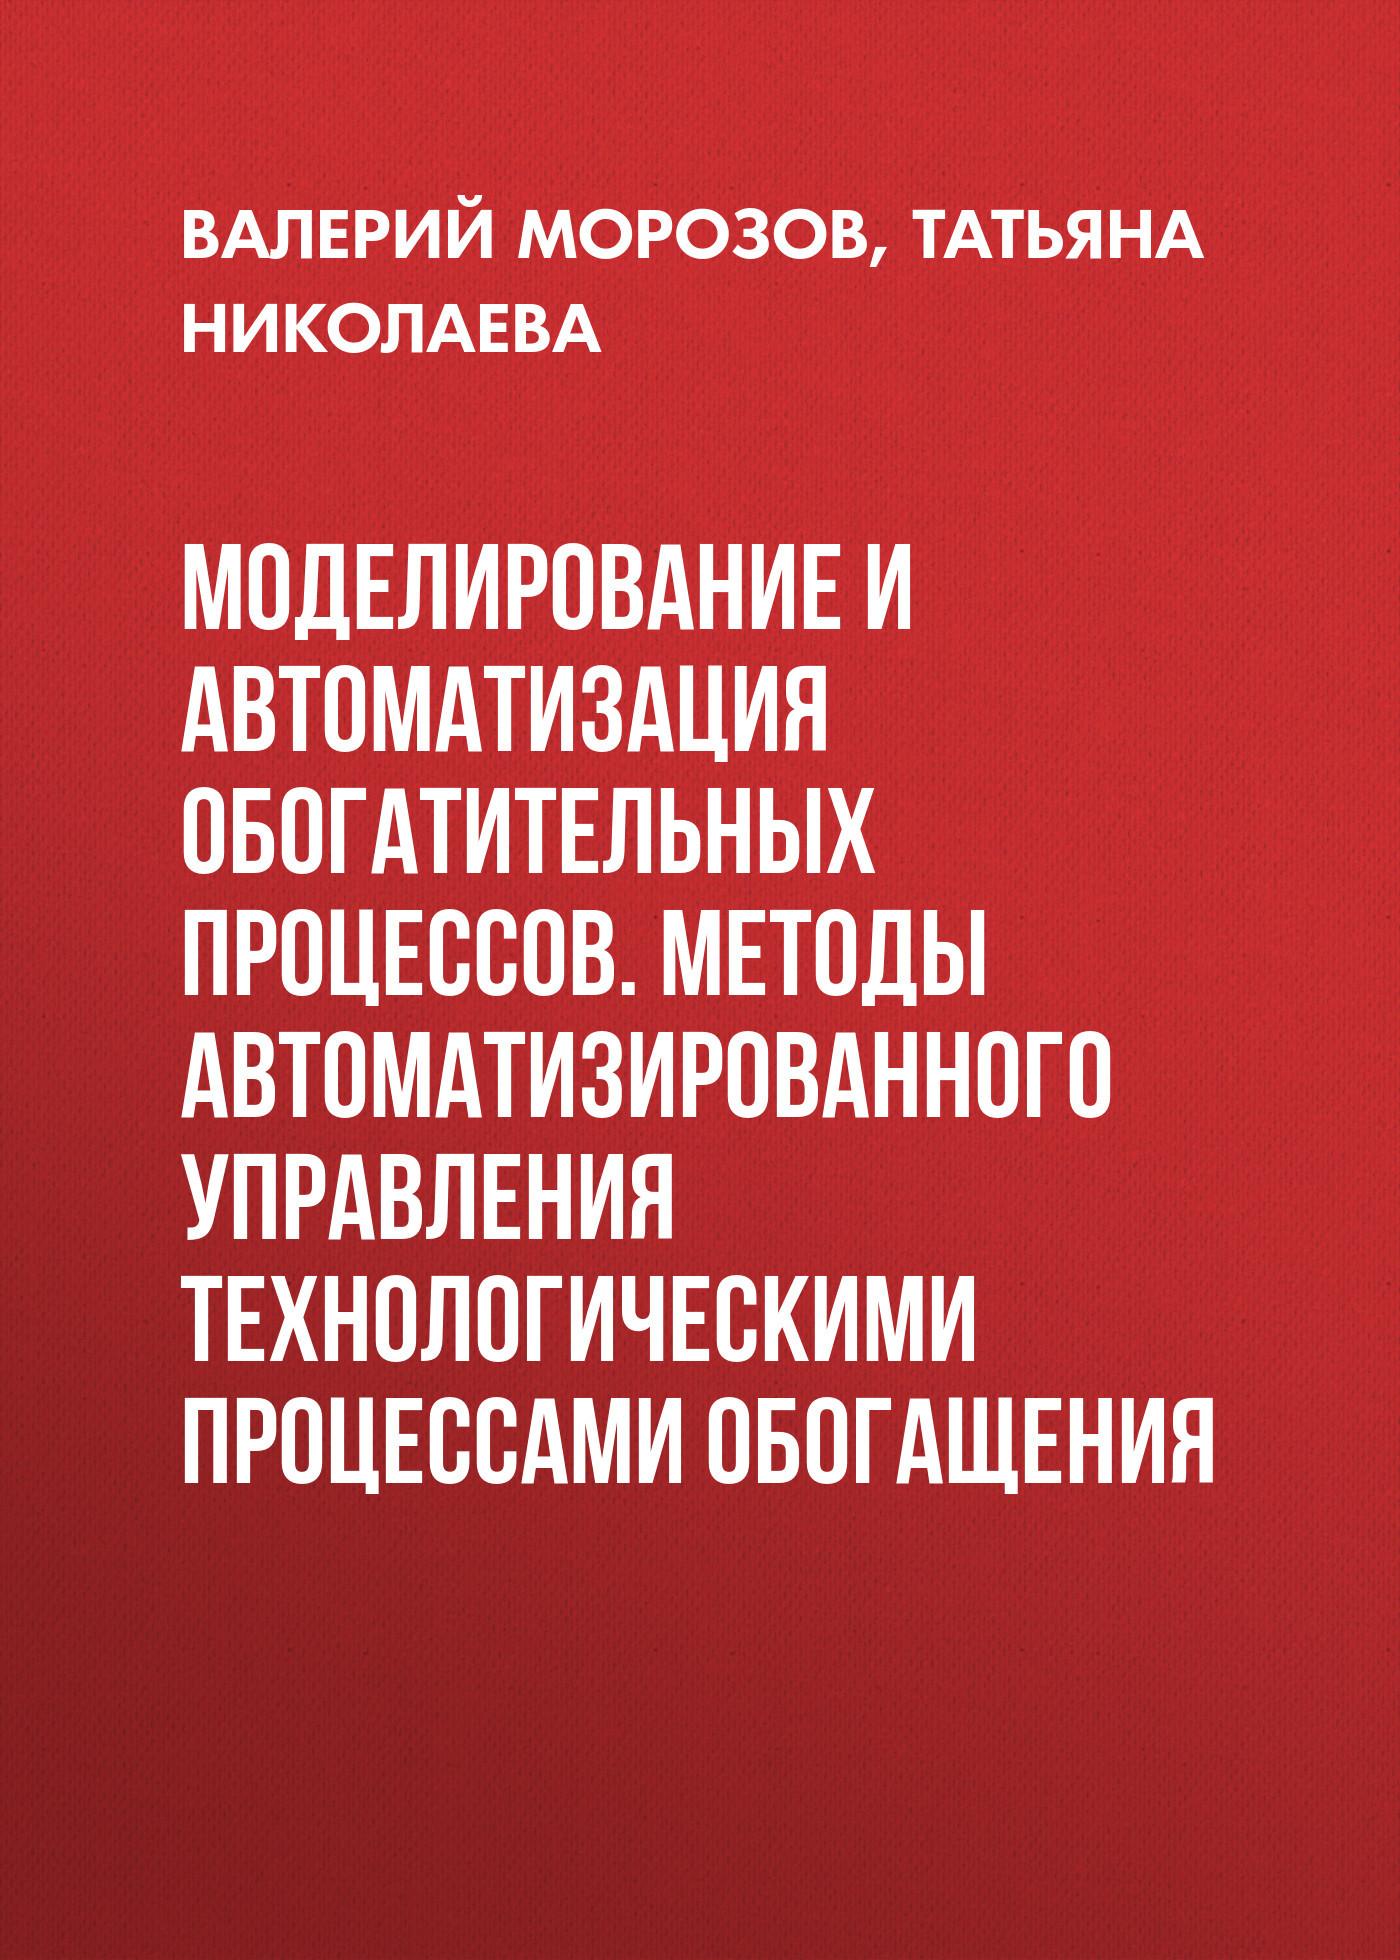 Татьяна Николаева Моделирование и автоматизация обогатительных процессов. Методы автоматизированного управления технологическими процессами обогащения